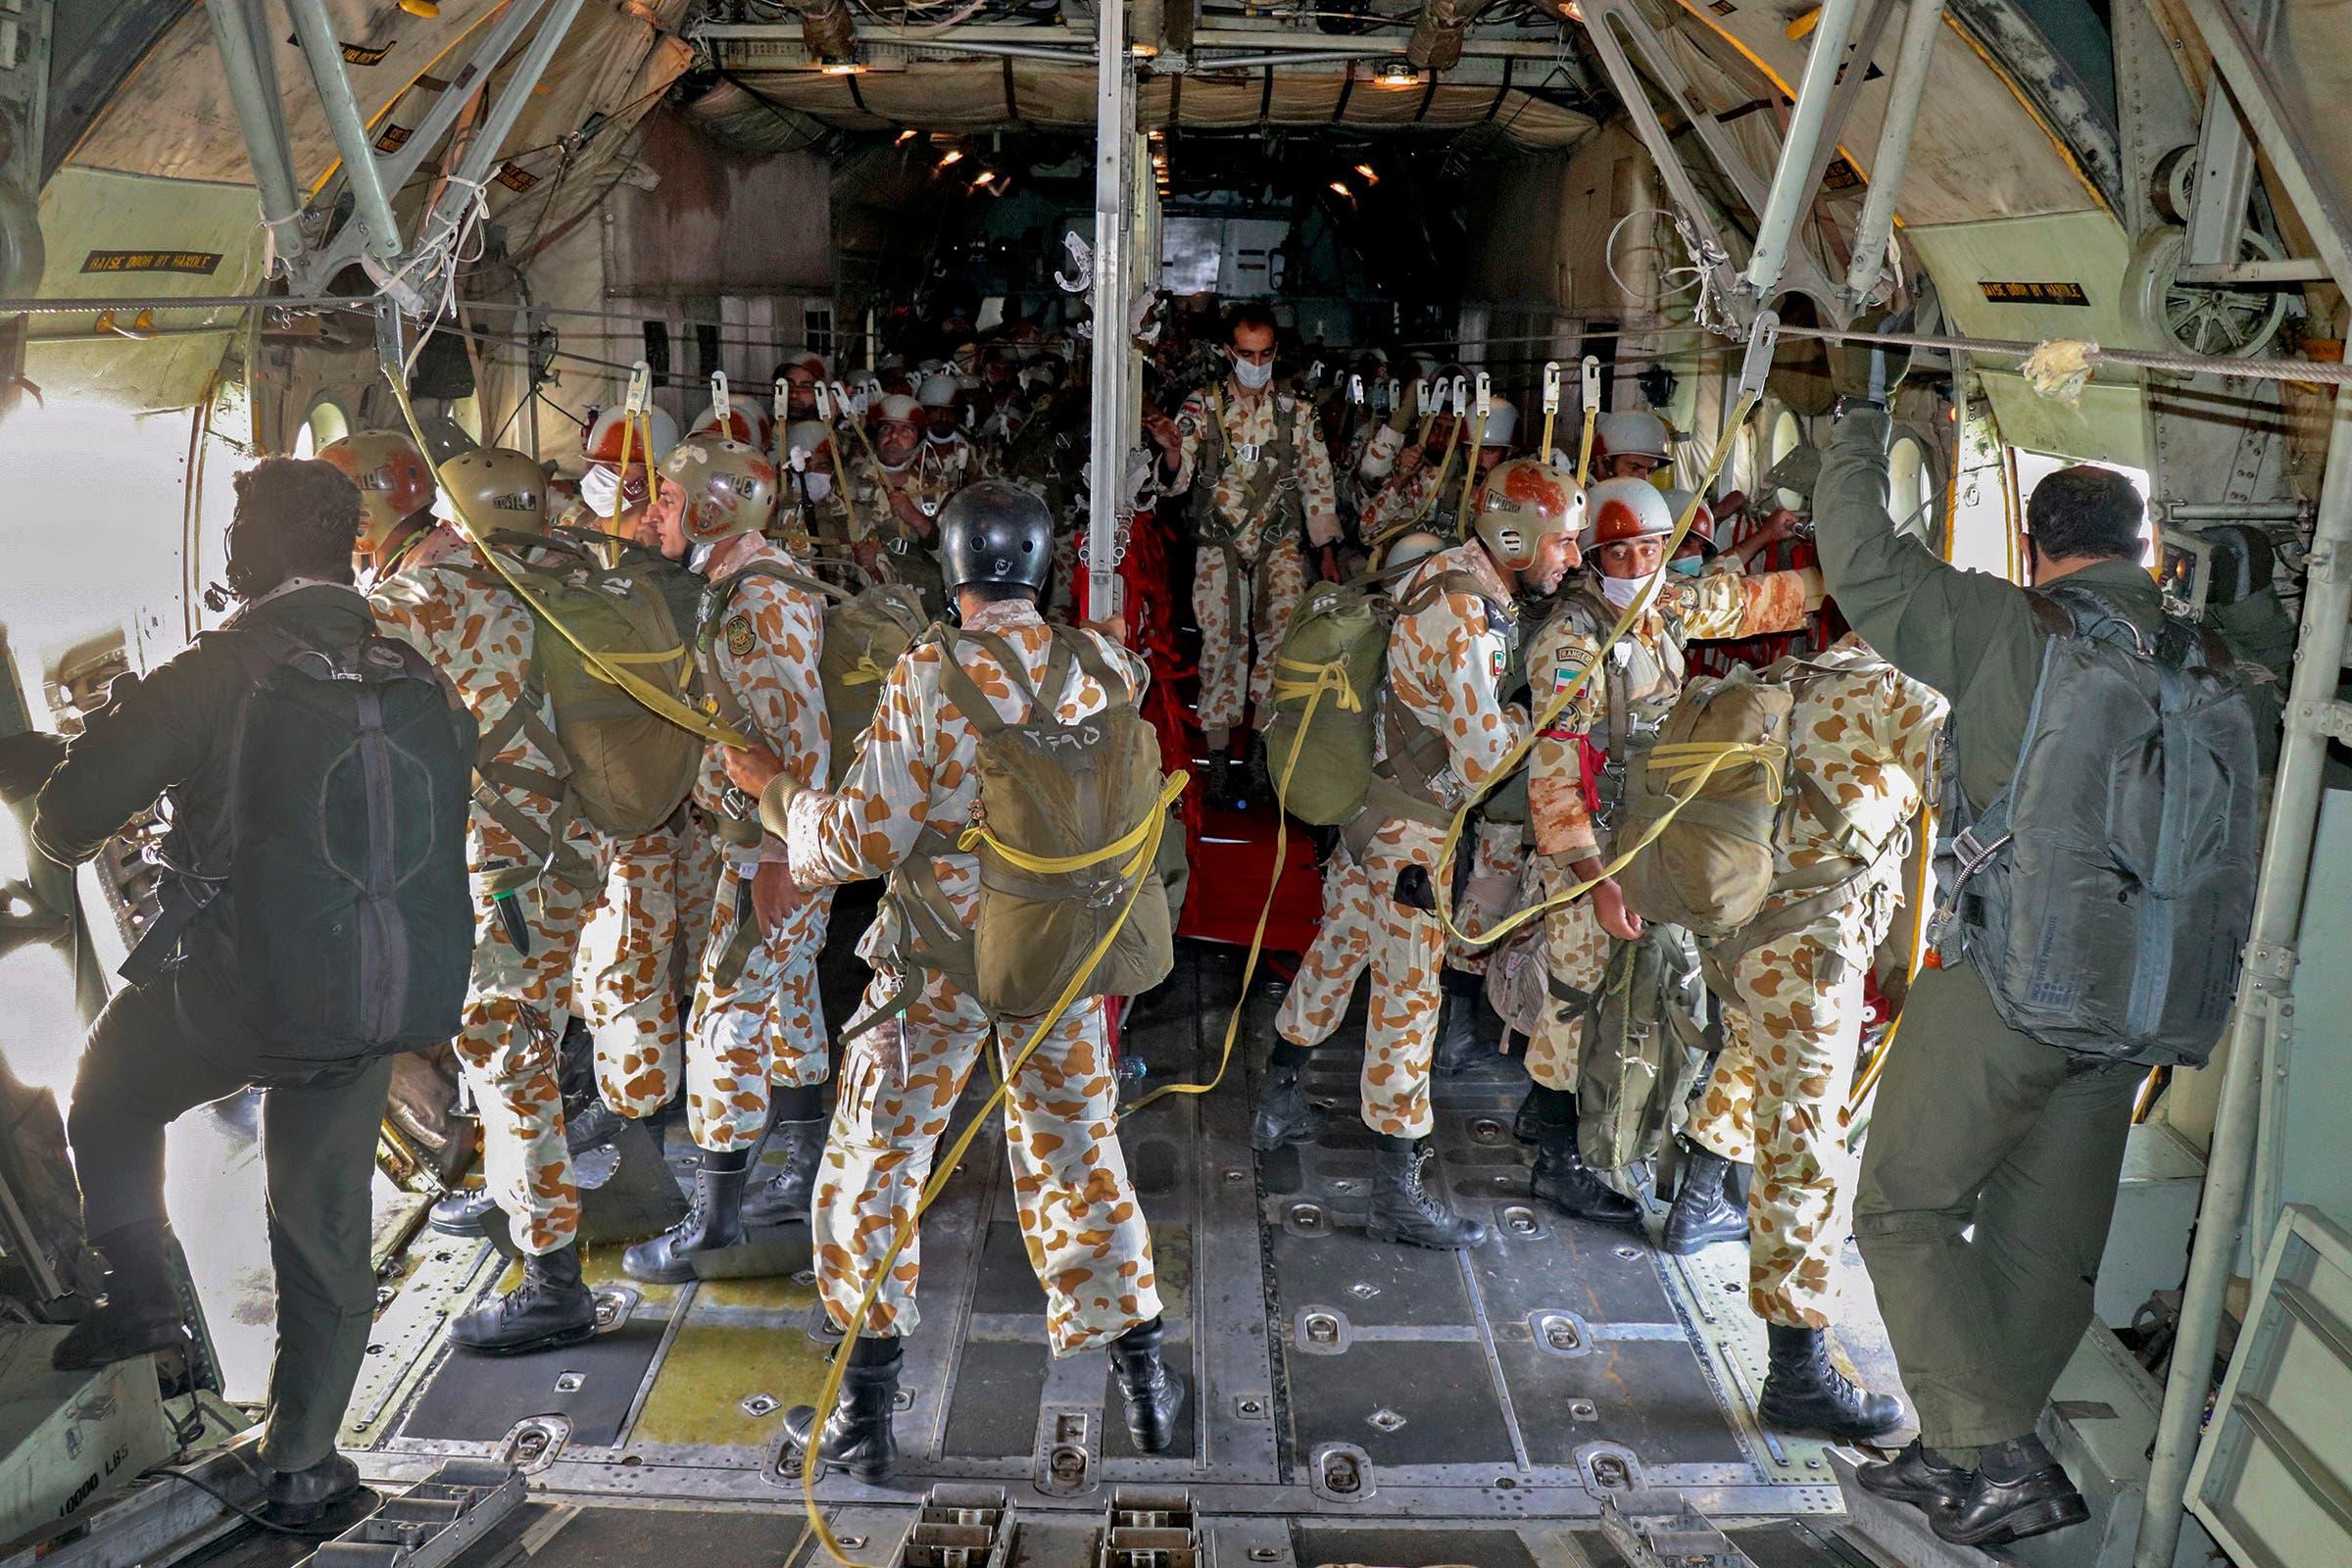 من المناورات العسكرية المتواصلة في إيران